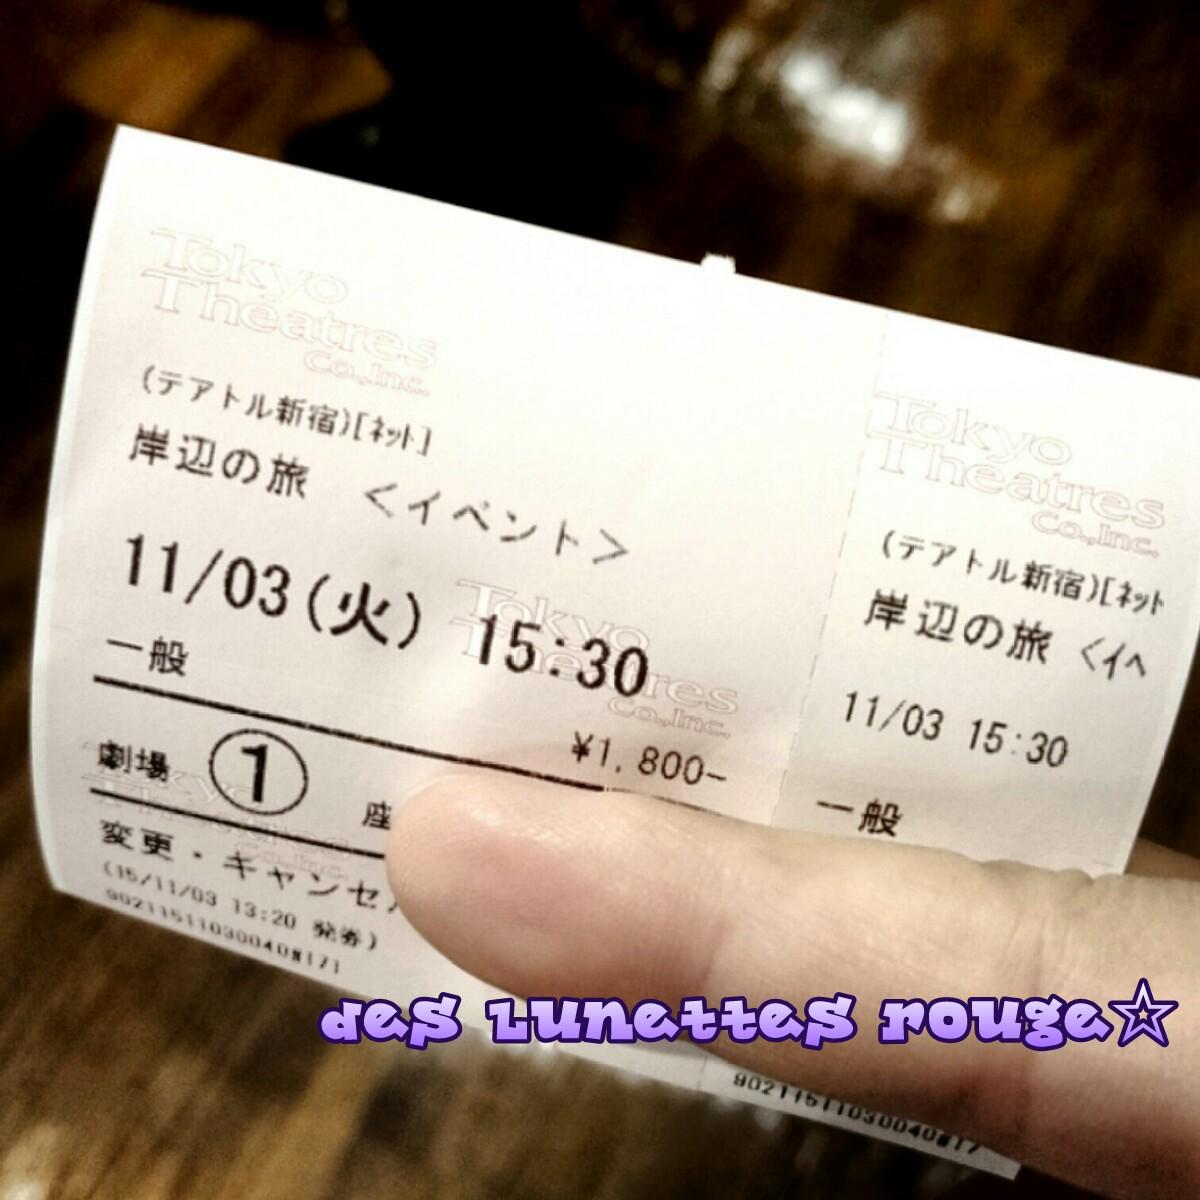 岸辺の旅 浅野忠信×永瀬正敏トークショー